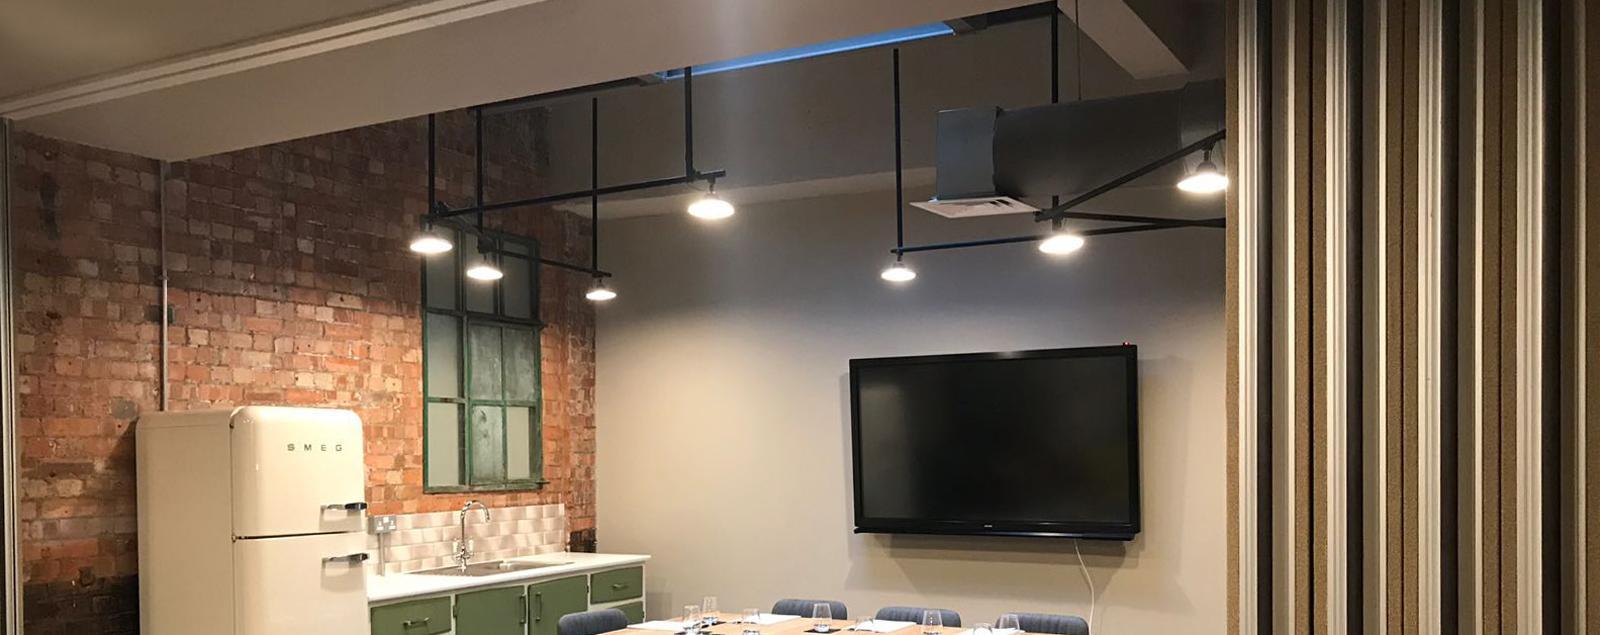 Illuminazione Da Soffitto Per Ufficio.Progetto Luci Abitazione Progetto Illuminazione Uffici Bar